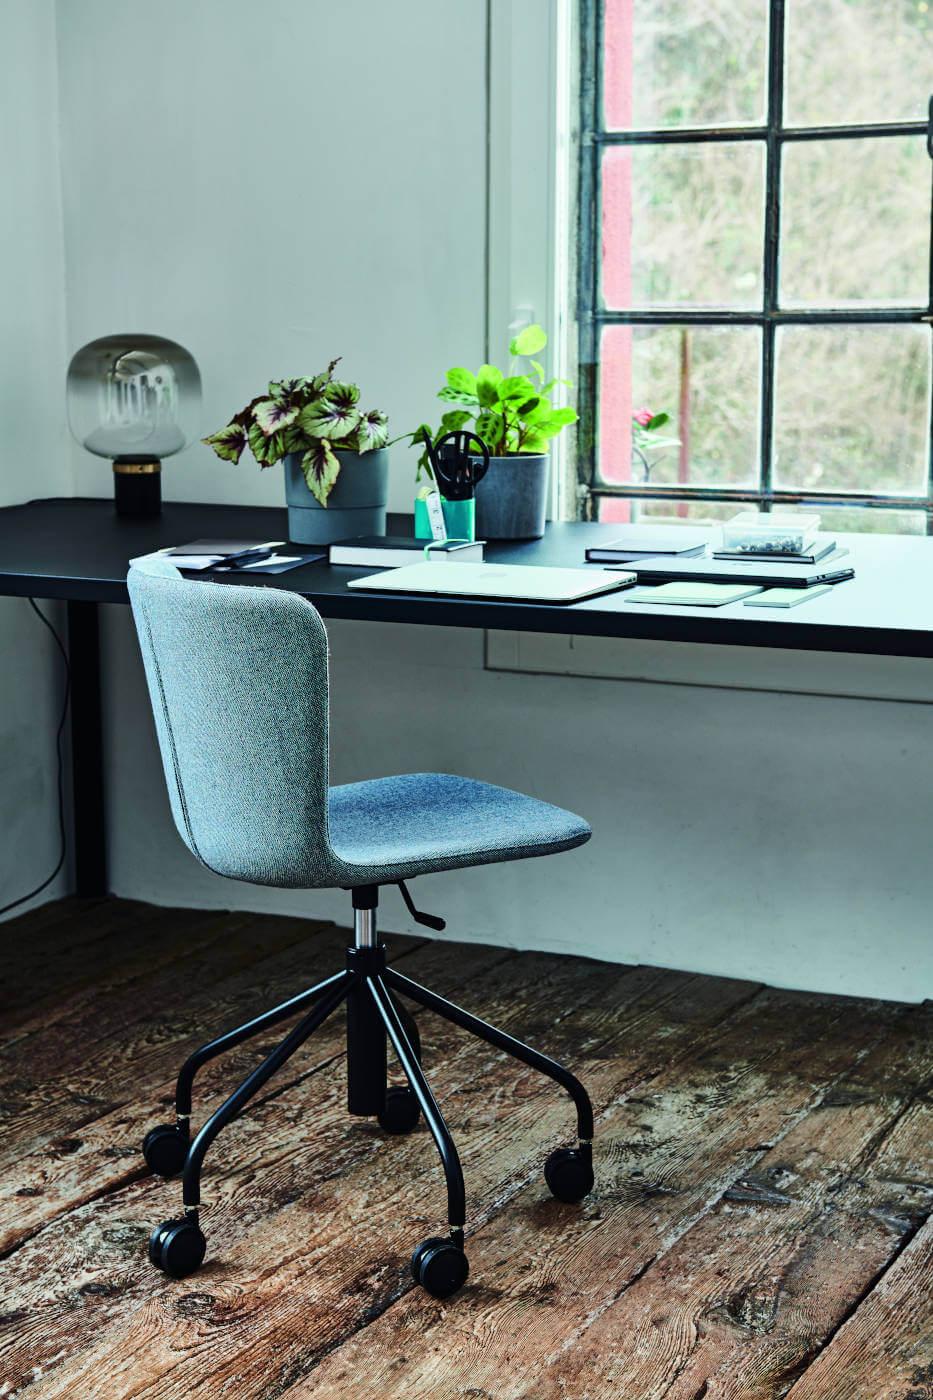 Calla design chair on wheels